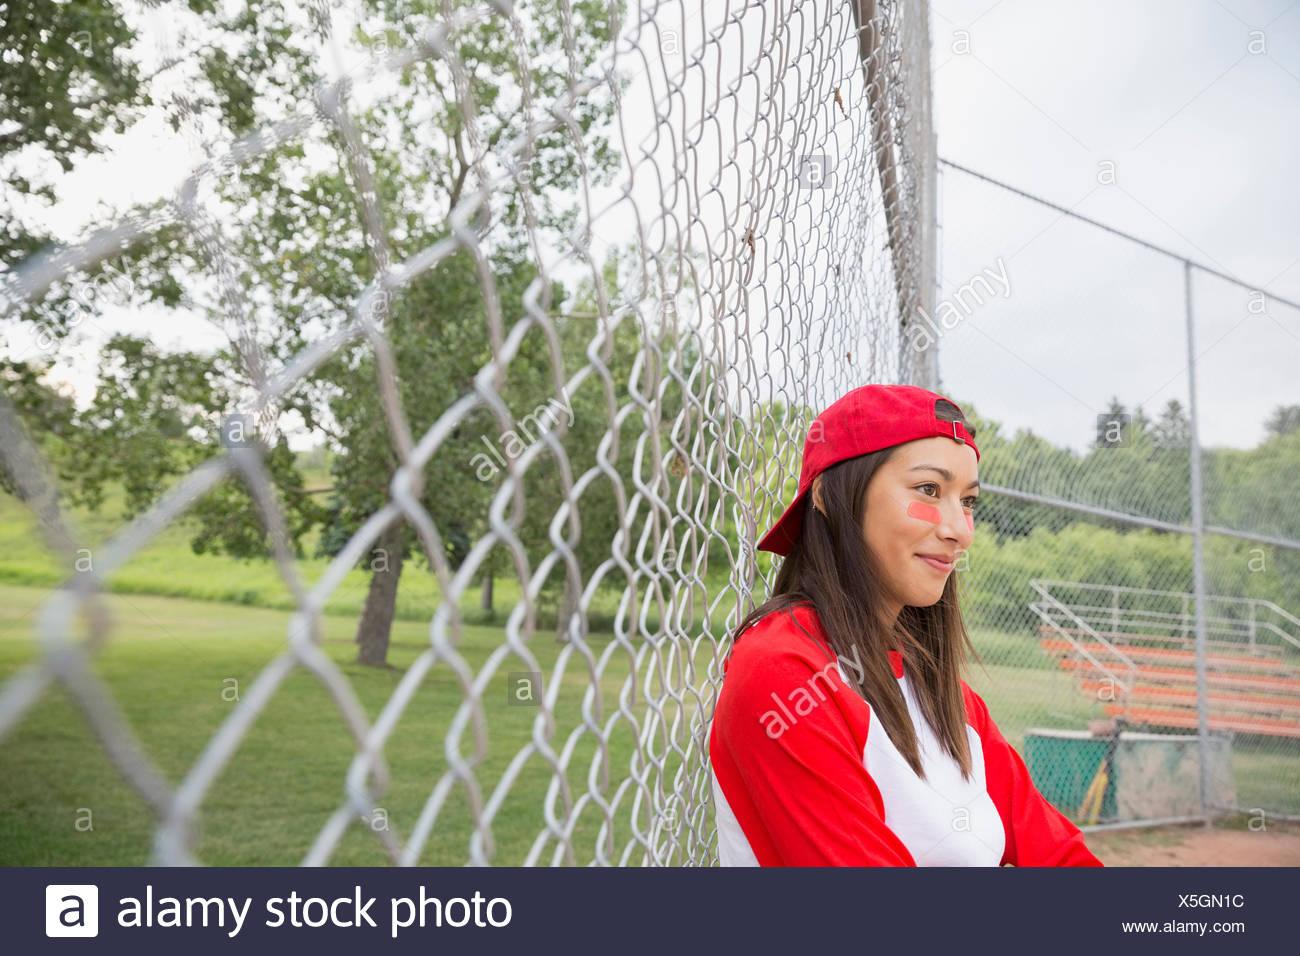 Jugador de béisbol por el eslabón de la cadena cerco permanente Imagen De Stock